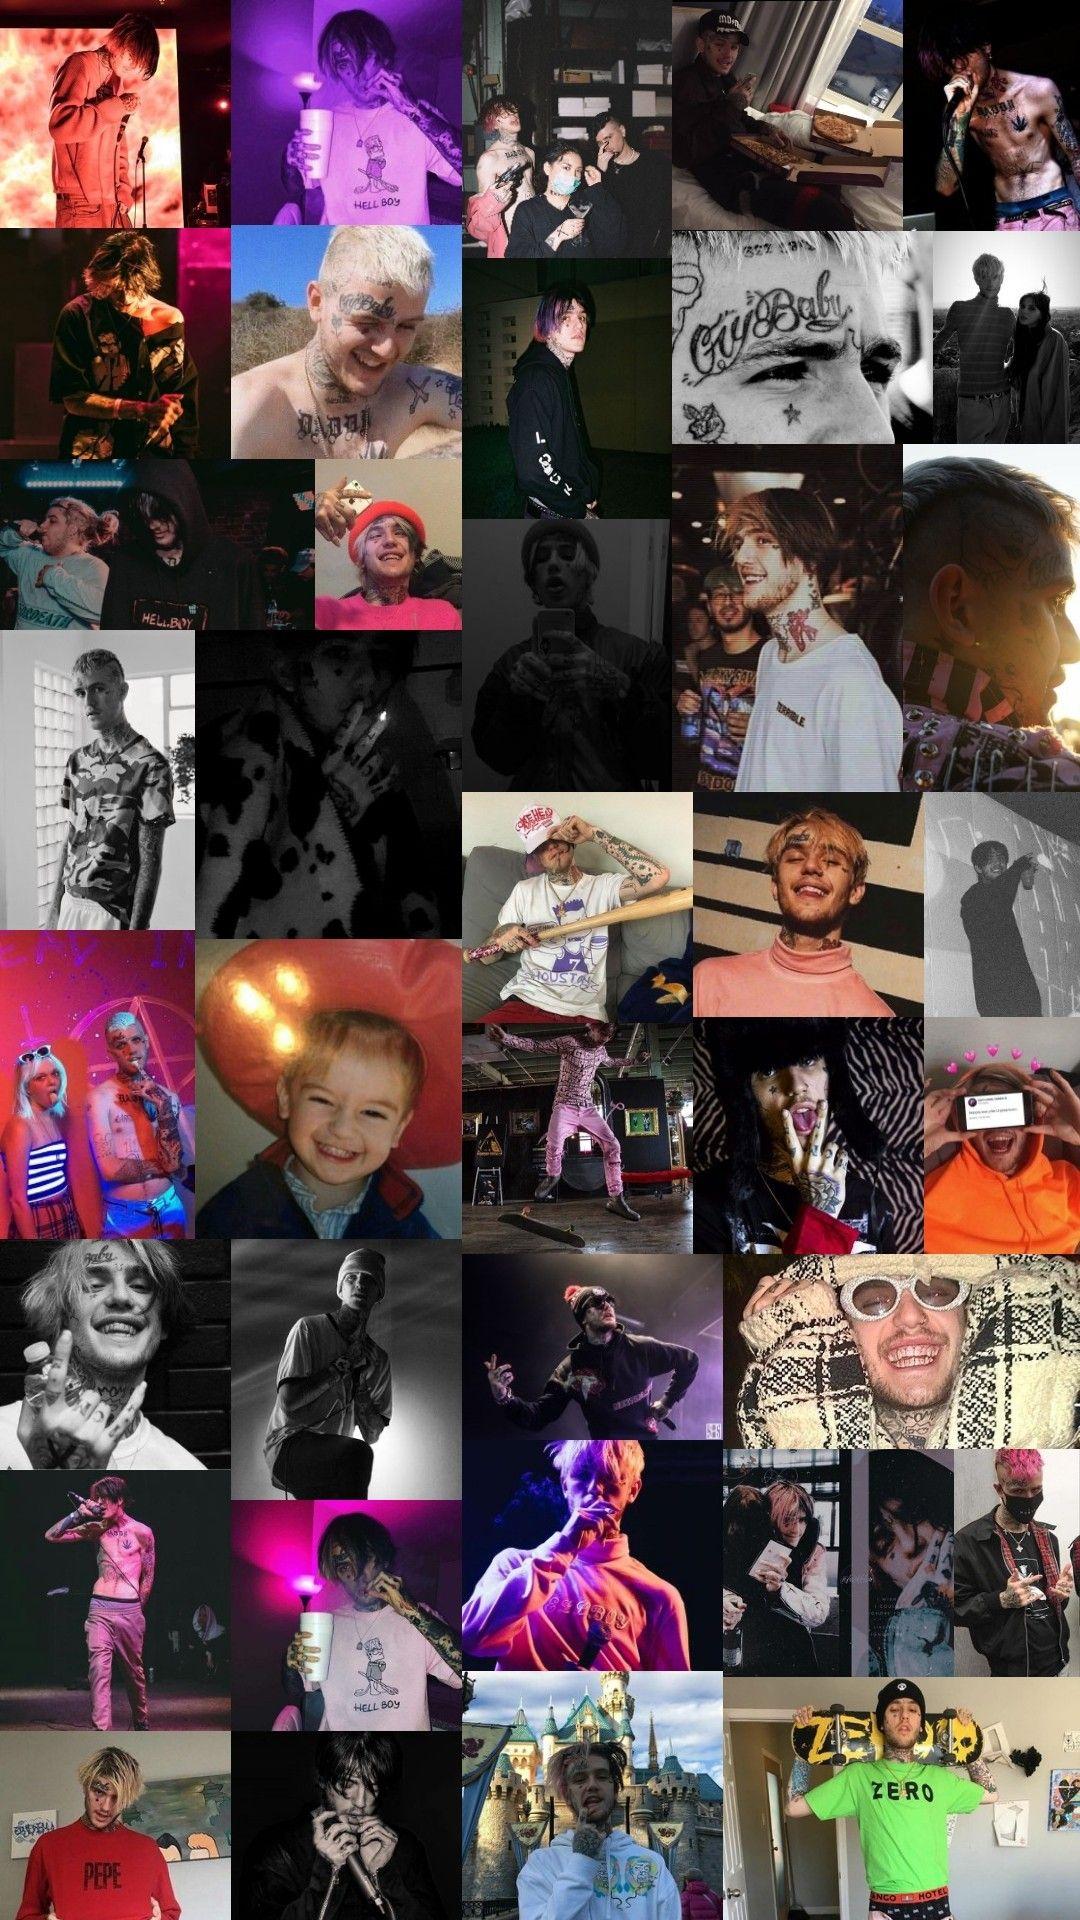 Lil Peep Wallpaper Lil Peep Instagram Iphone Wallpaper Tumblr Aesthetic Lil Peep Beamerboy